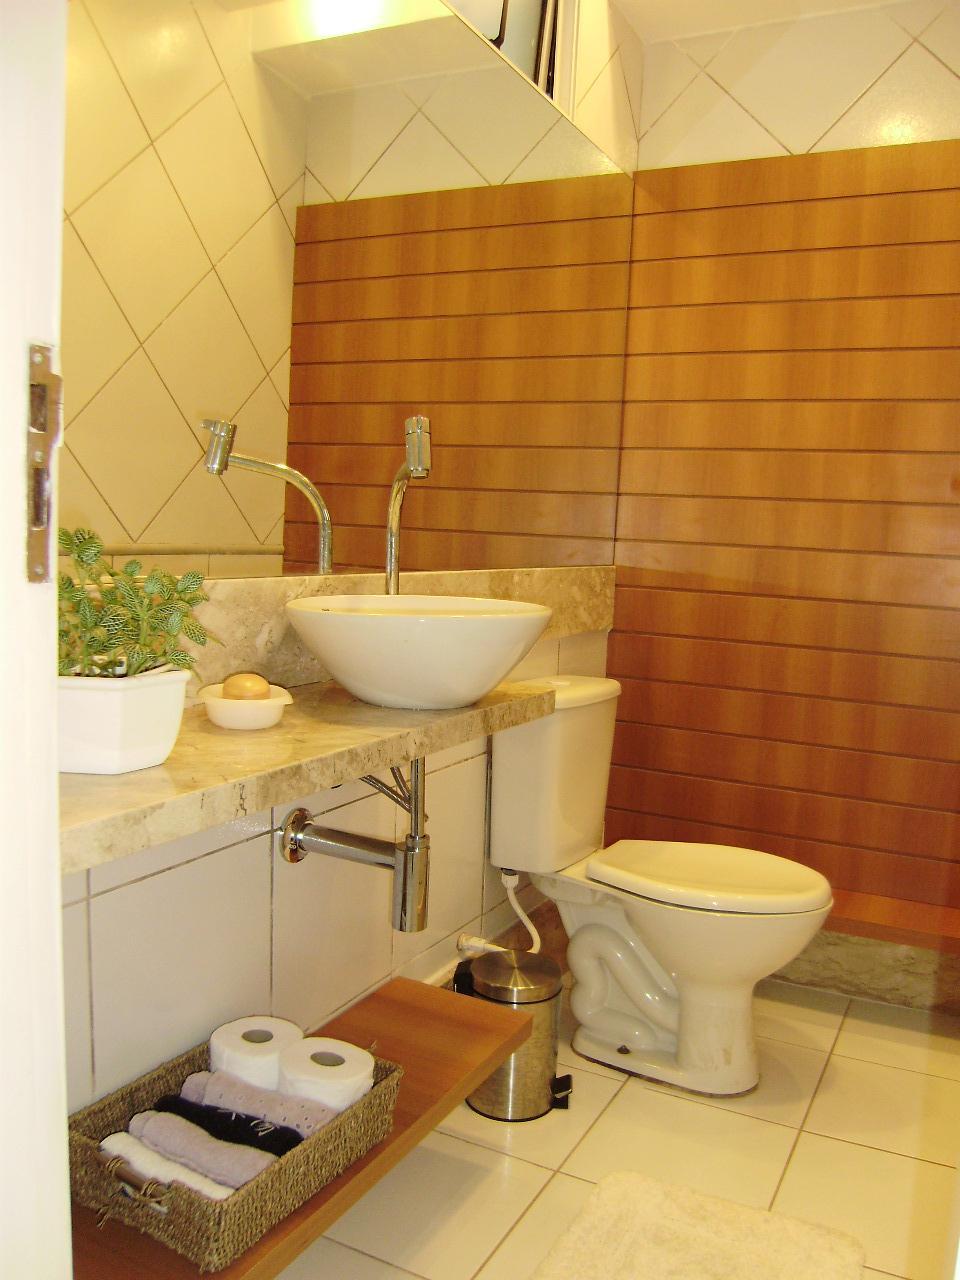 decoracao de lavabos pequenos e simples : decoracao de lavabos pequenos e simples:Ideias de Lavabos – veja modelos lindos! – Decor Salteado – Blog de